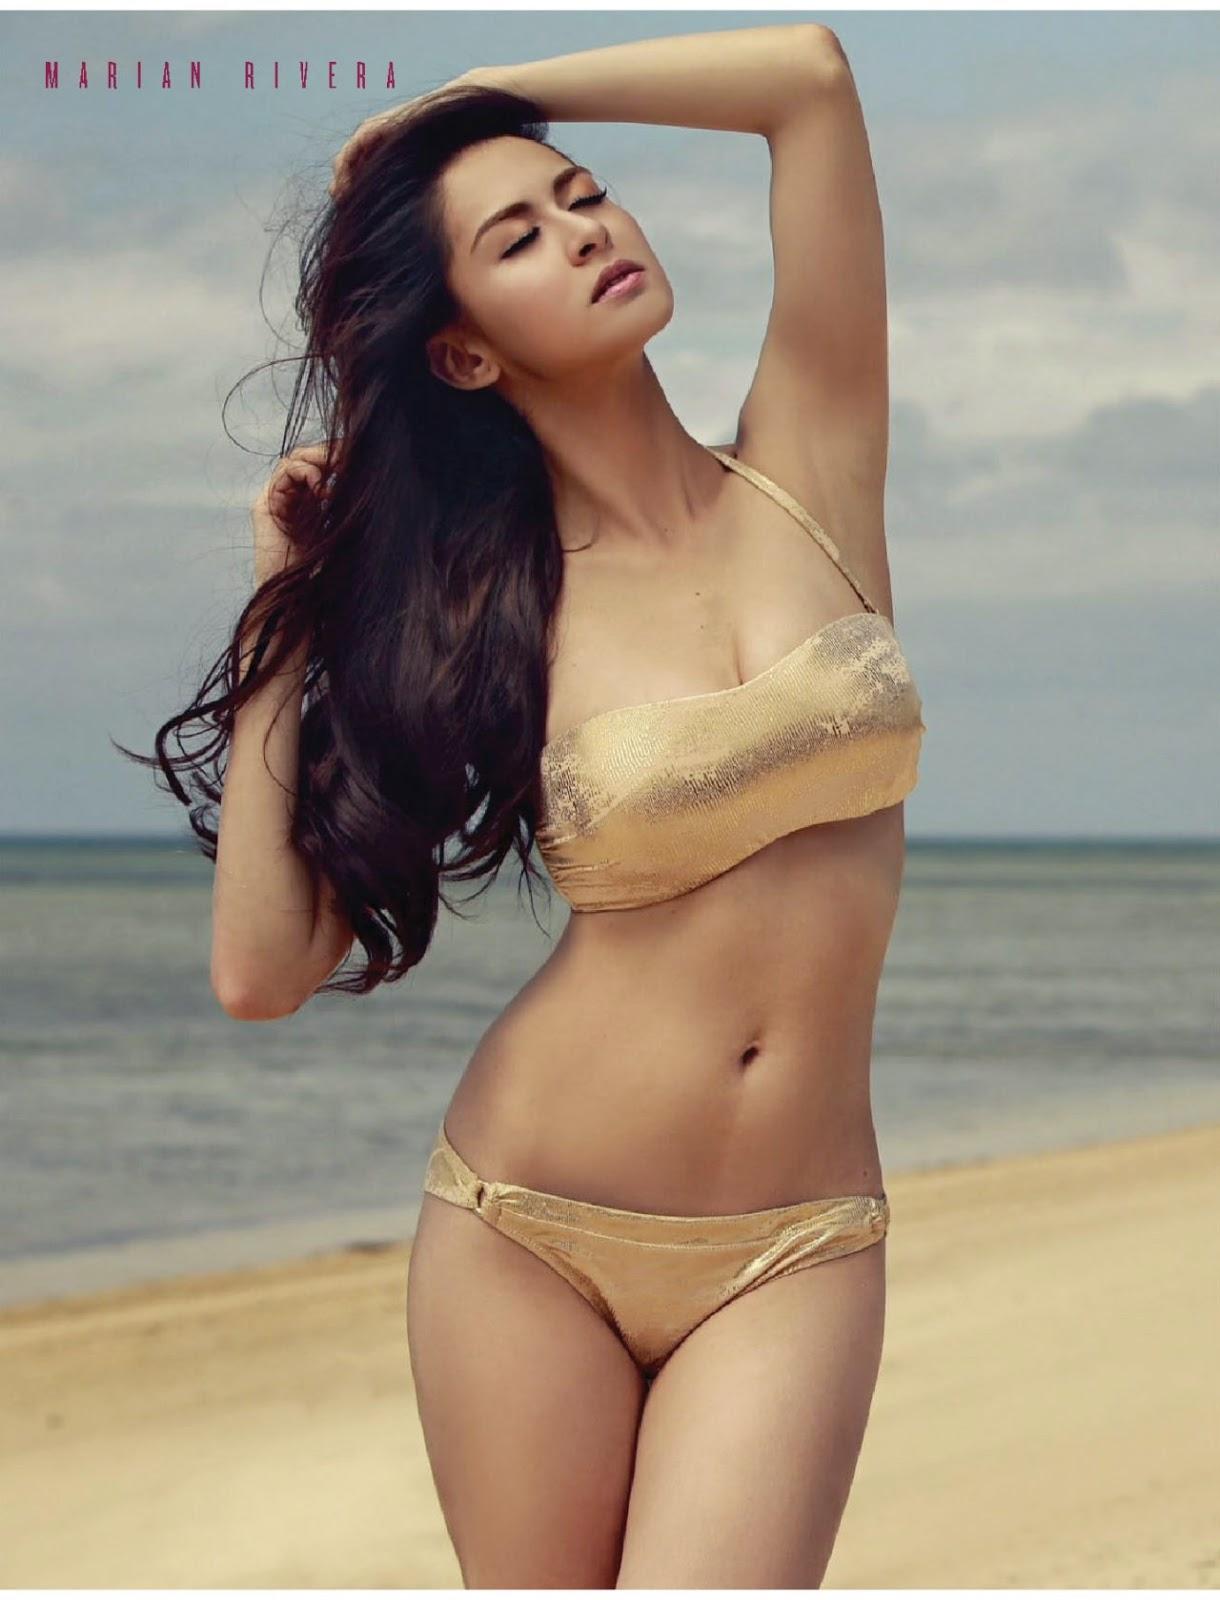 marian rivera sexy fhm bikini pics 01